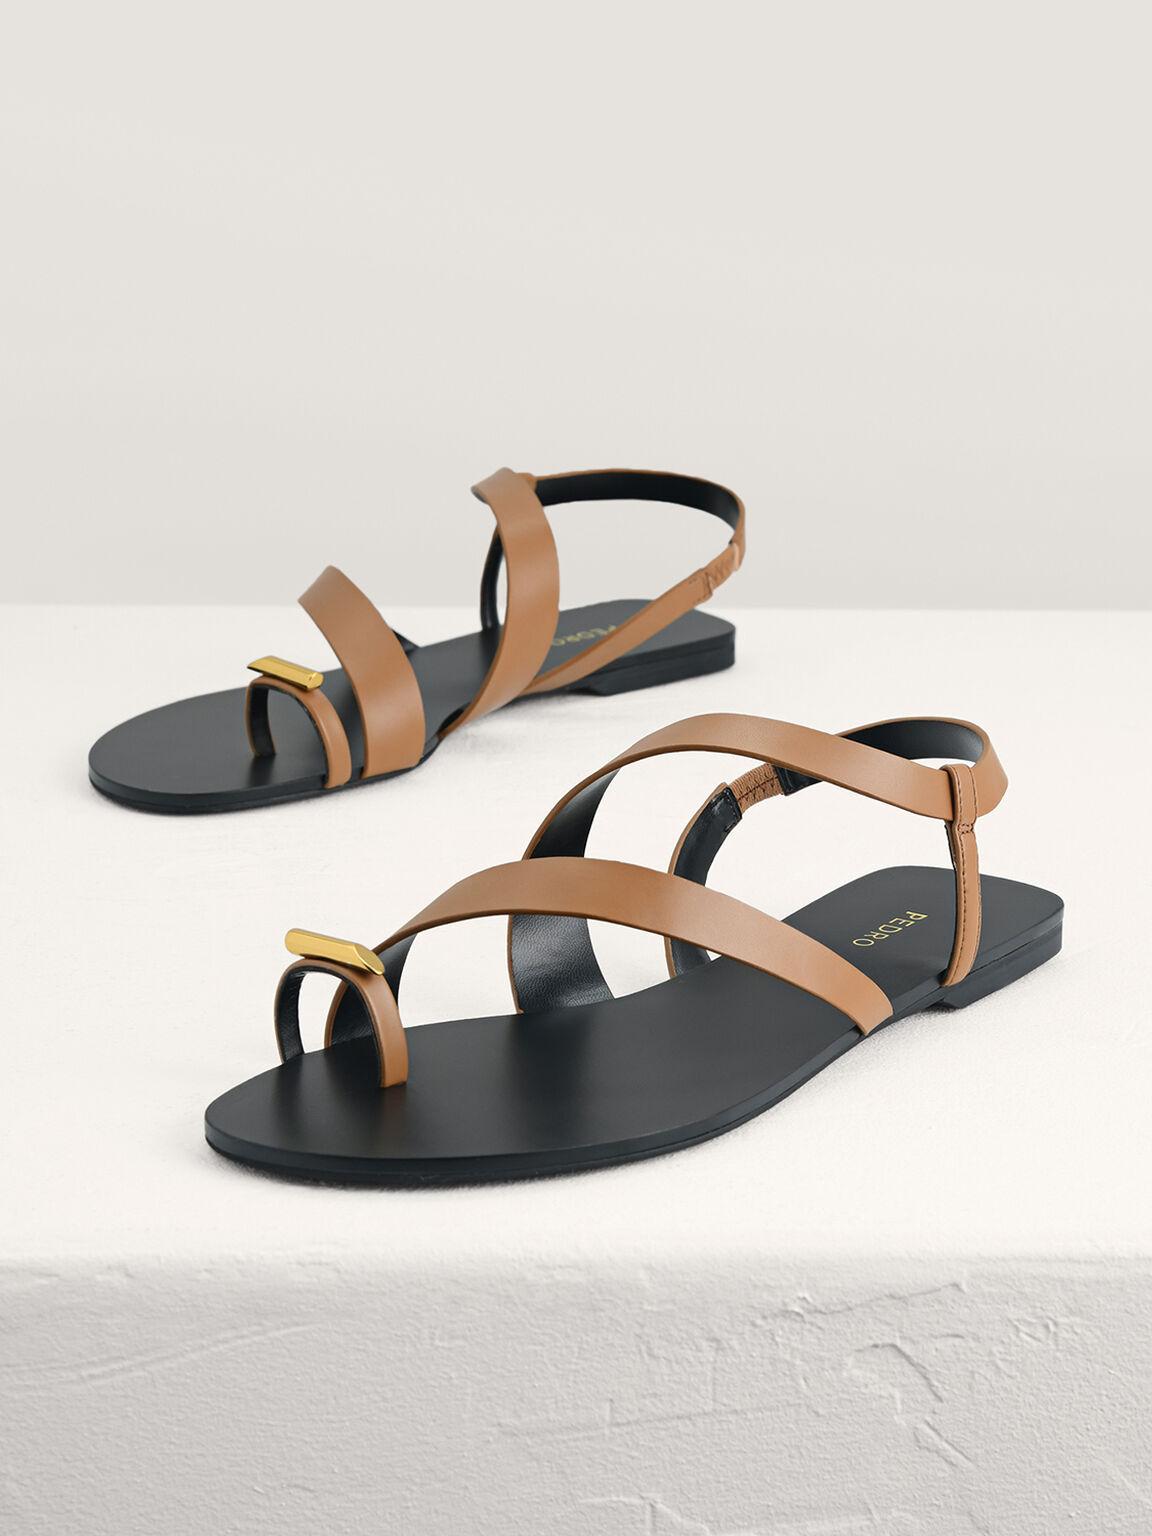 Toe Loop Slingback Sandals, Camel, hi-res